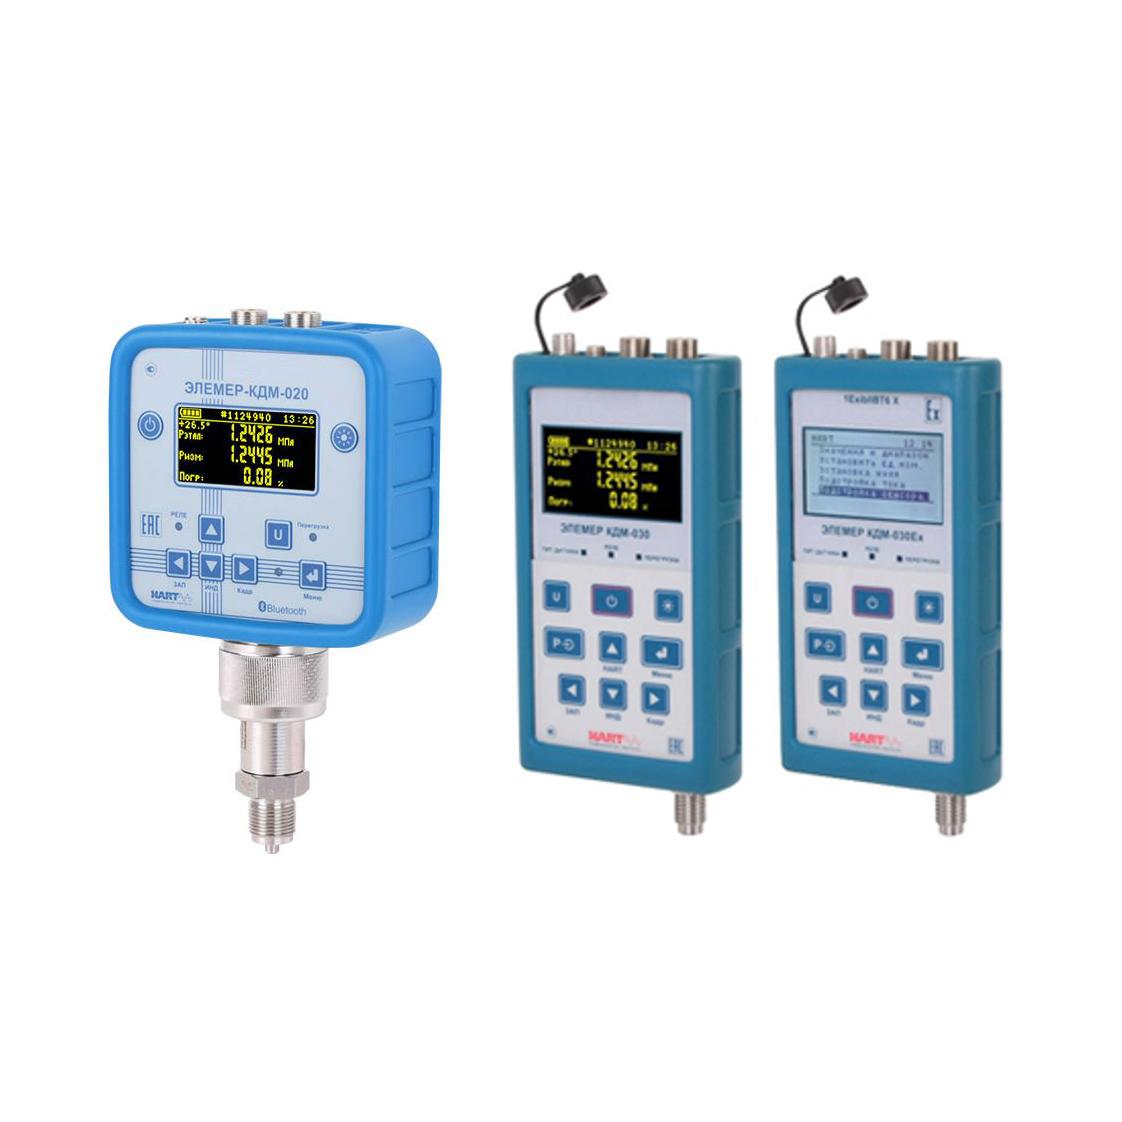 КДМ-020, КДМ-030 калибраторы давления малогабаритные